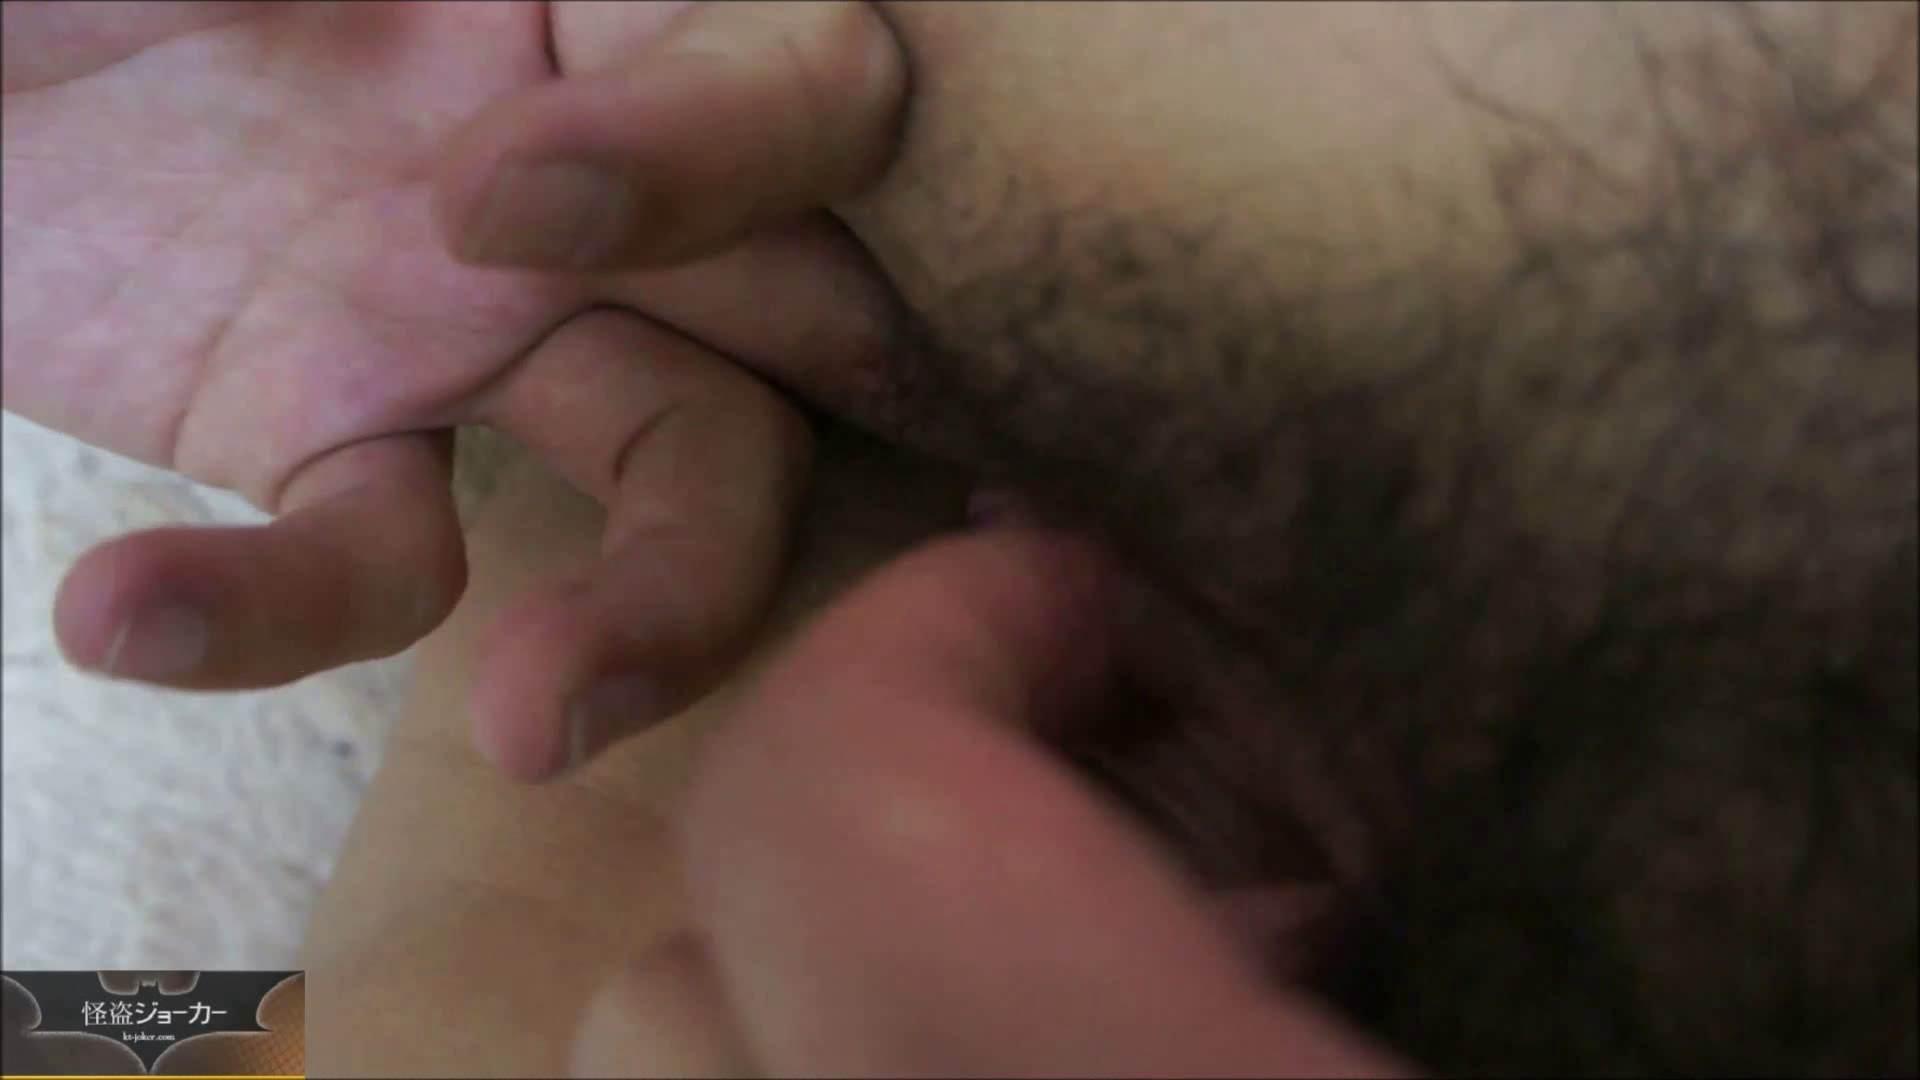 【未公開】vol.23 ユリナ、寝取られのアト。 丸見え セックス無修正動画無料 54画像 42